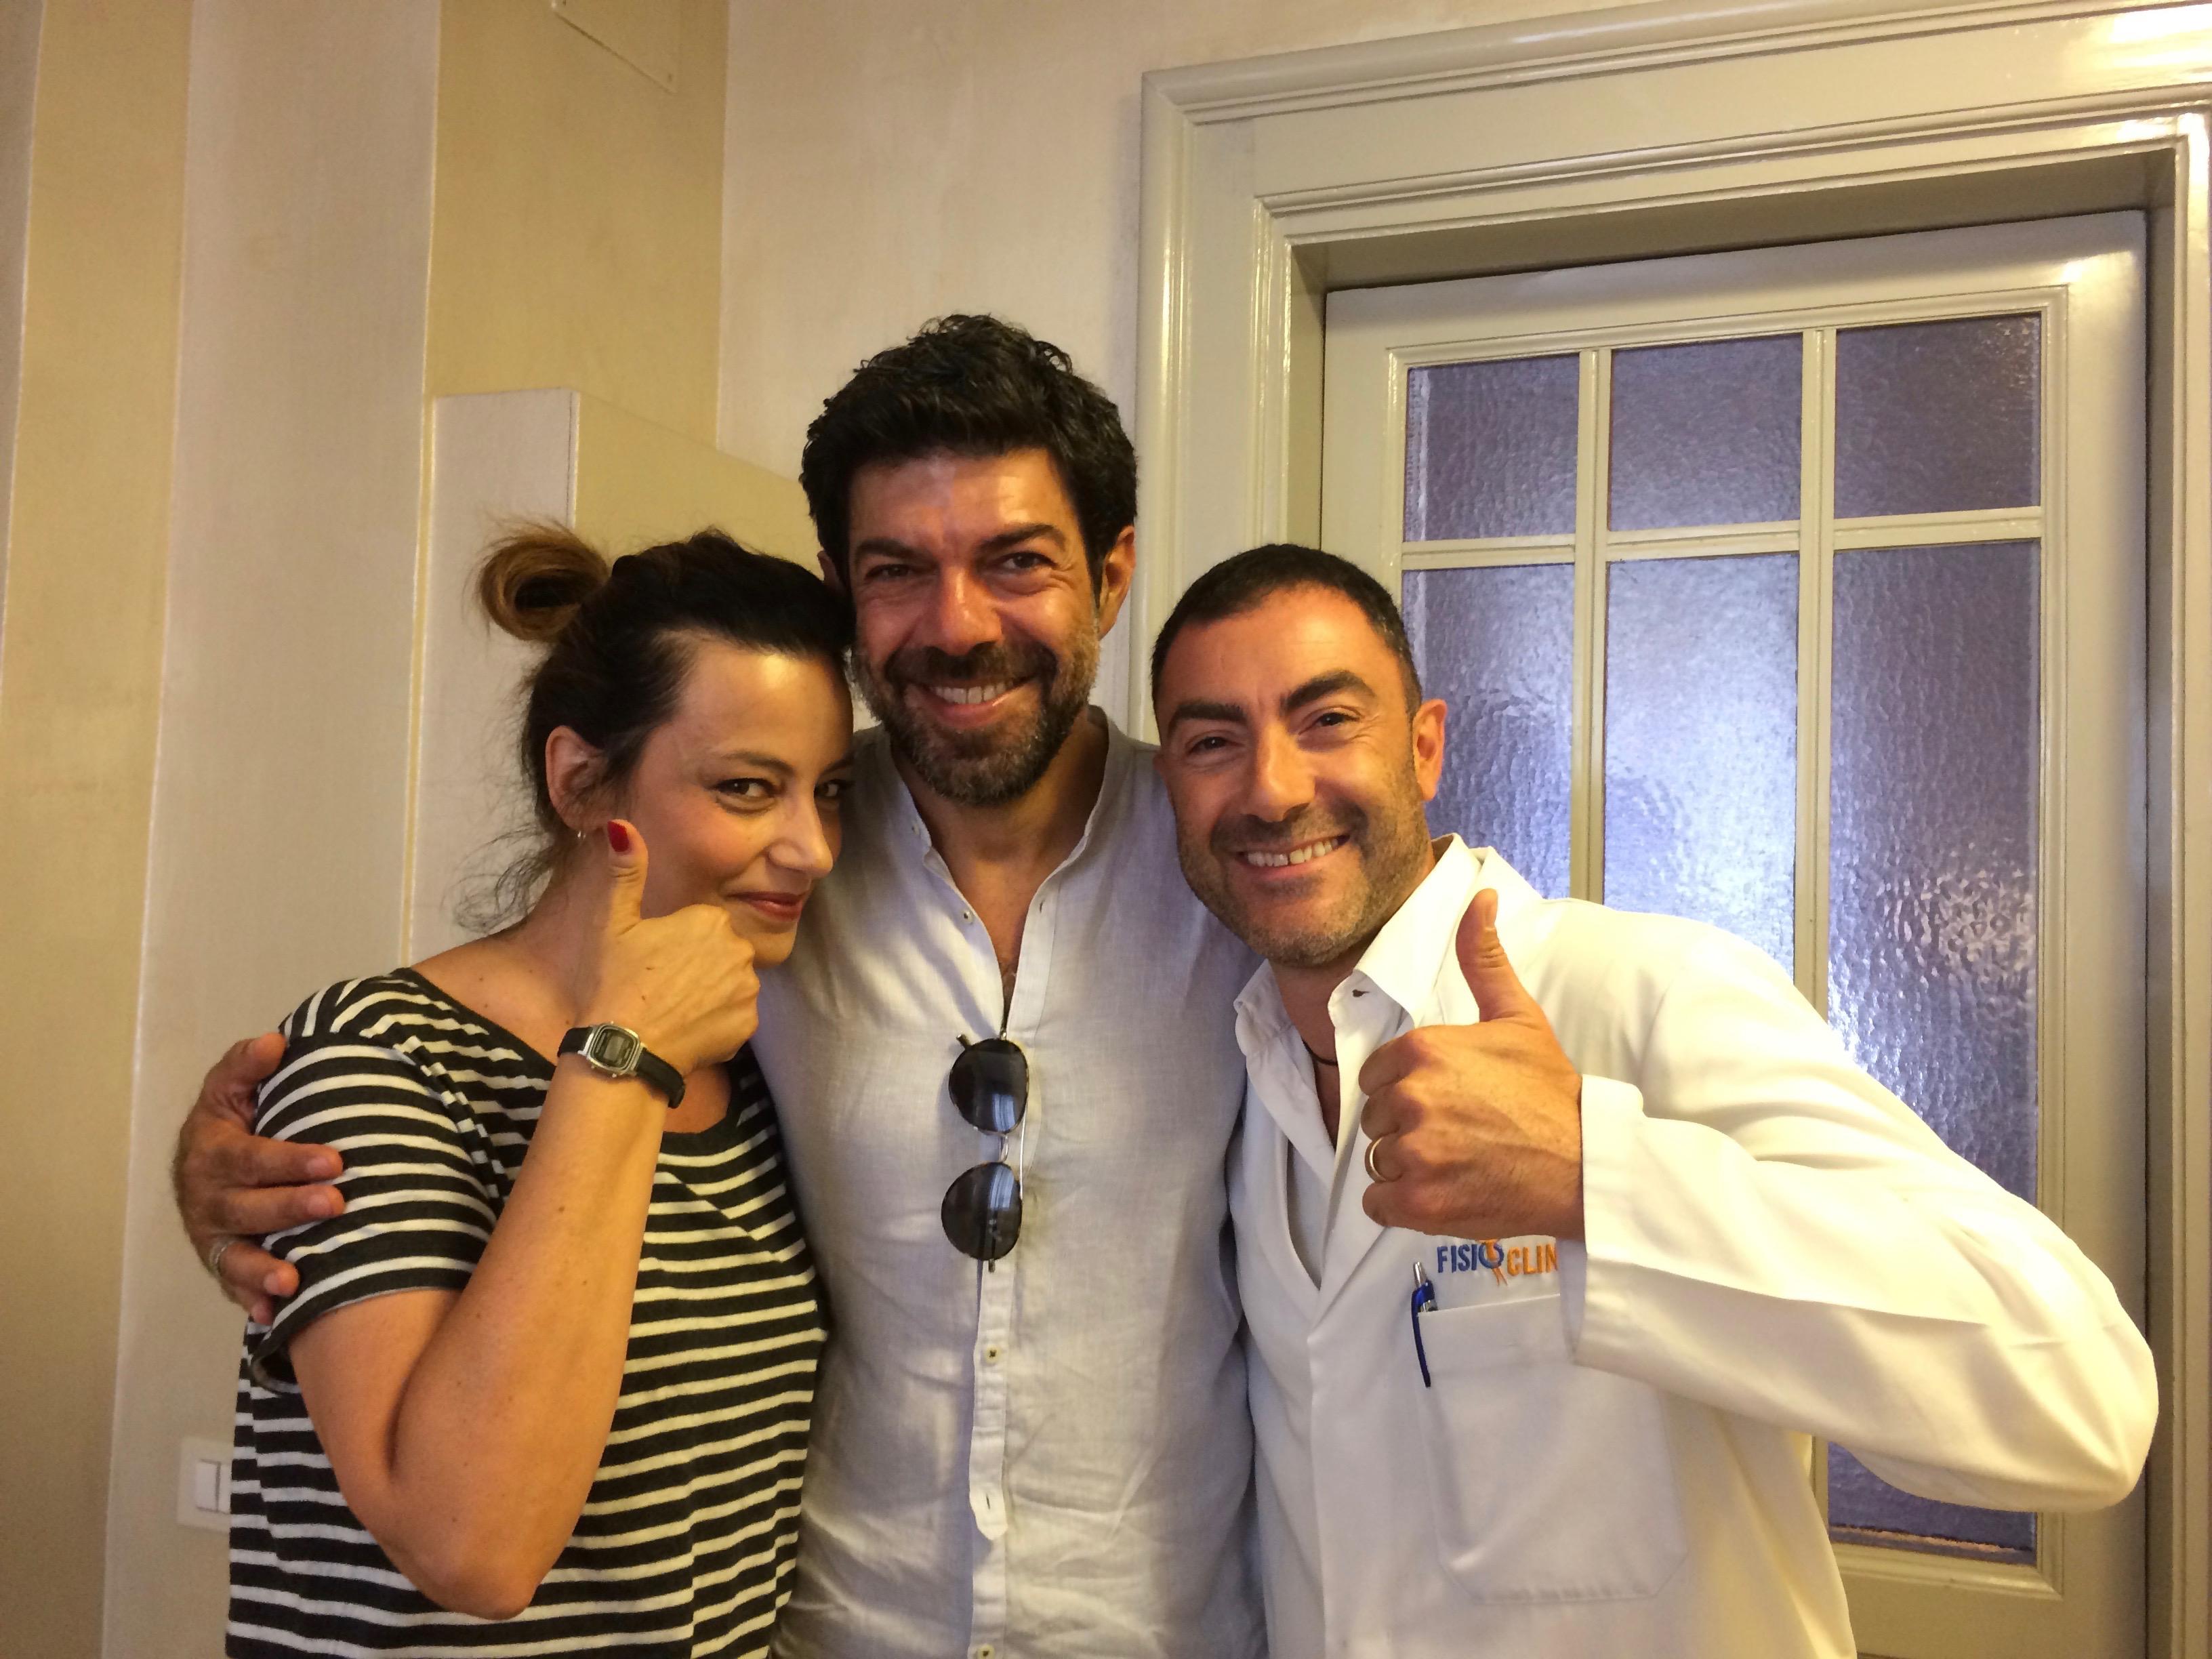 Emiliano Grossi Pierfrancesco Favino Alessia barela